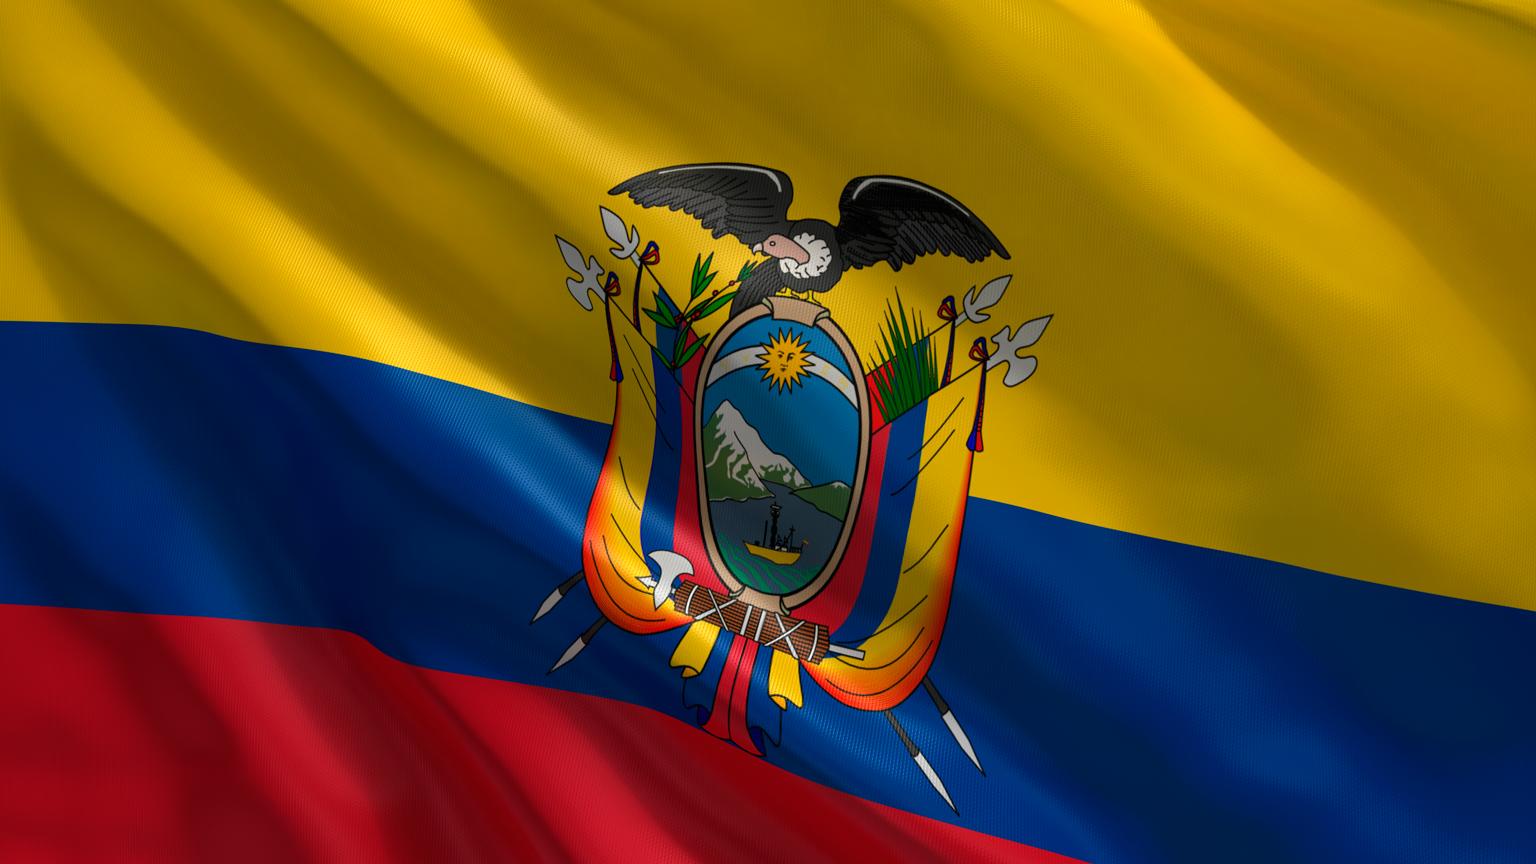 Escudo-nacional-del-ecuador